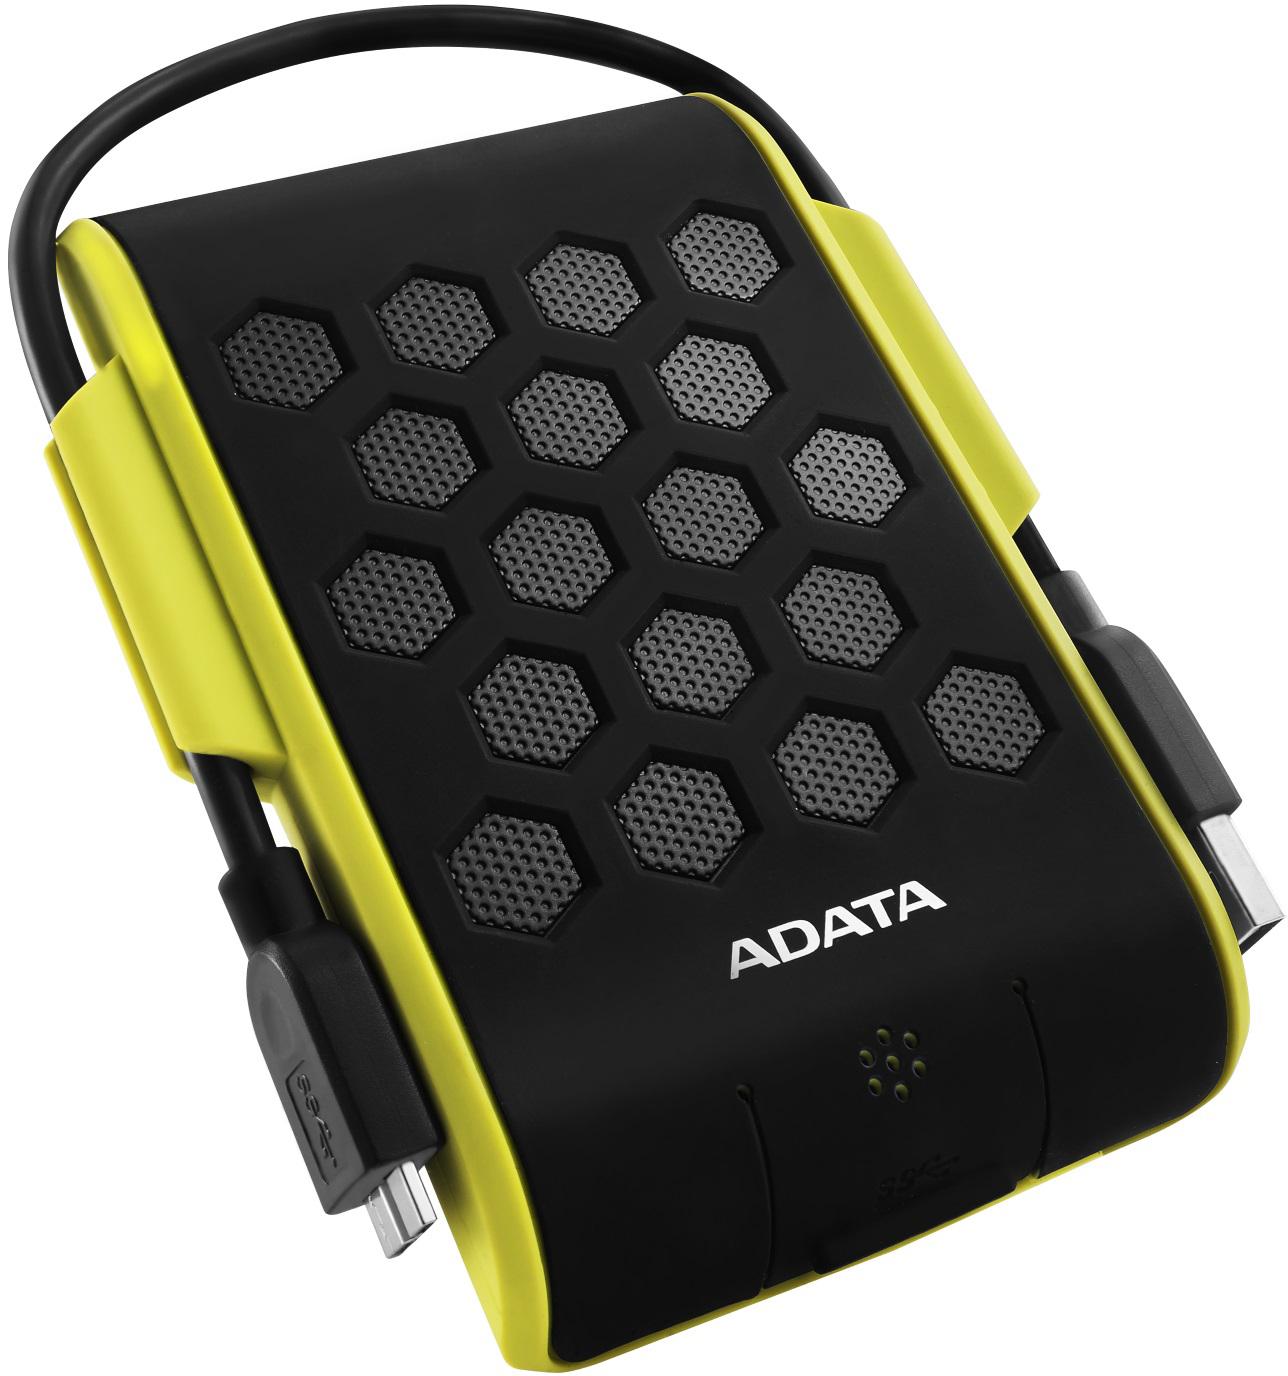 """Adata HD720 2.5"""", 1Tb, USB 3.0 (AHD720-1TU3-CGR) - внешний жесткий диск (Green)"""